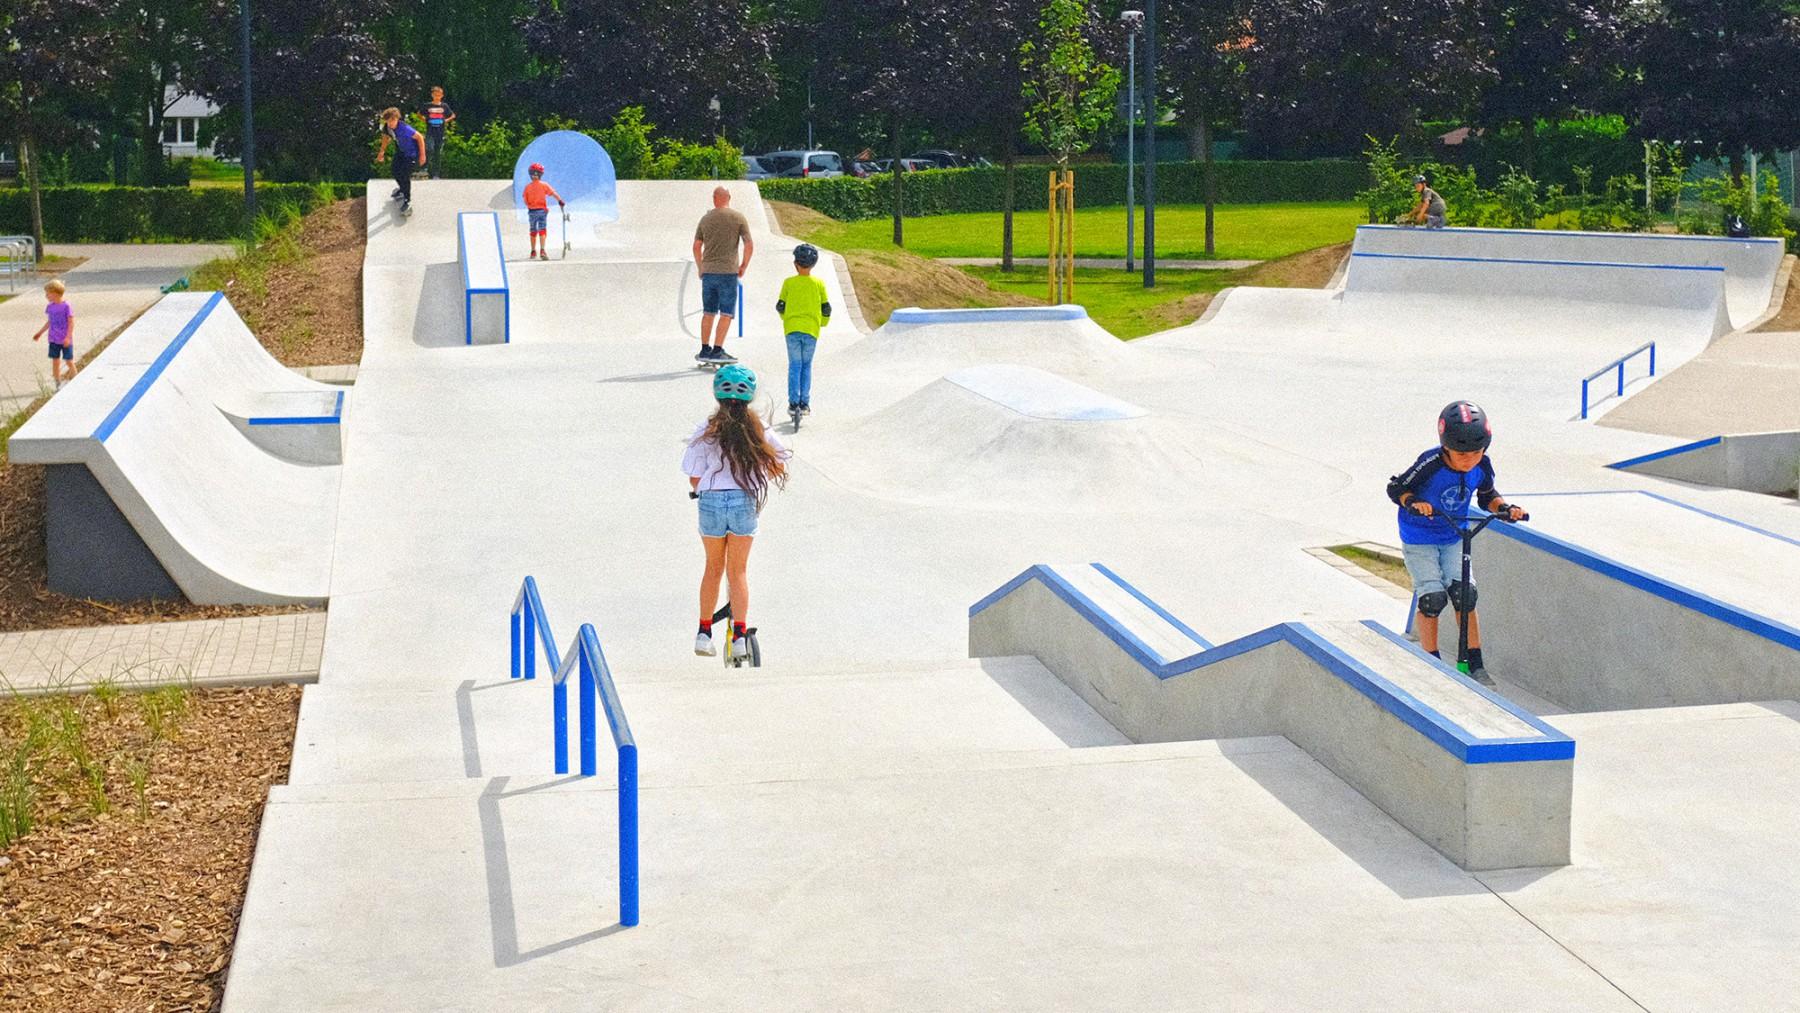 1_Kevelaer_Skatepark_fertig_Gallerie_02